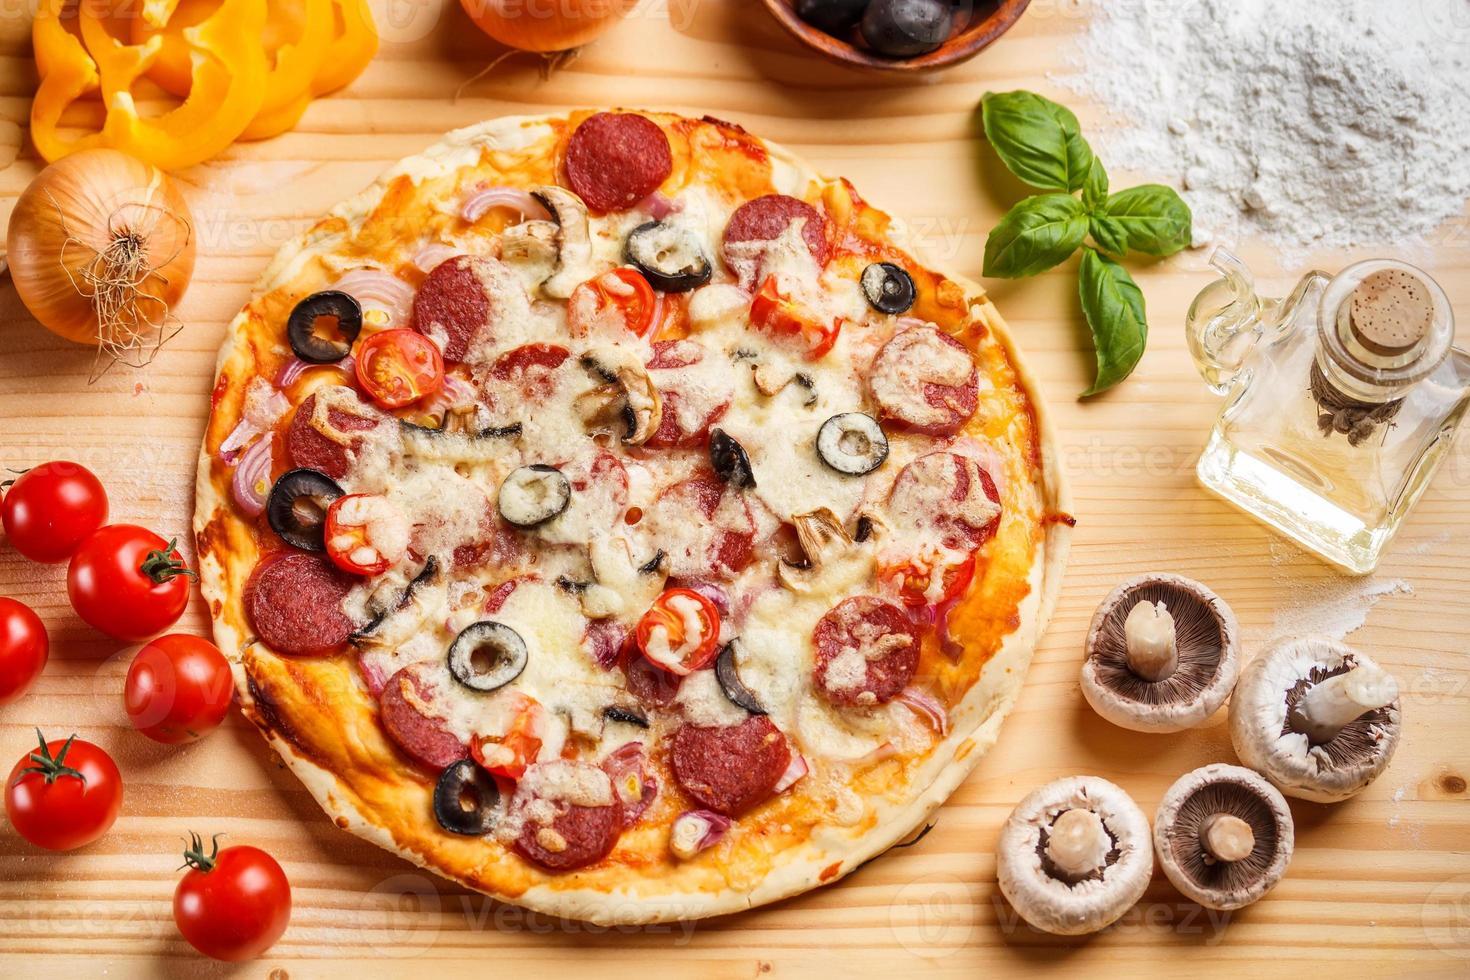 hele gebakken pizza foto